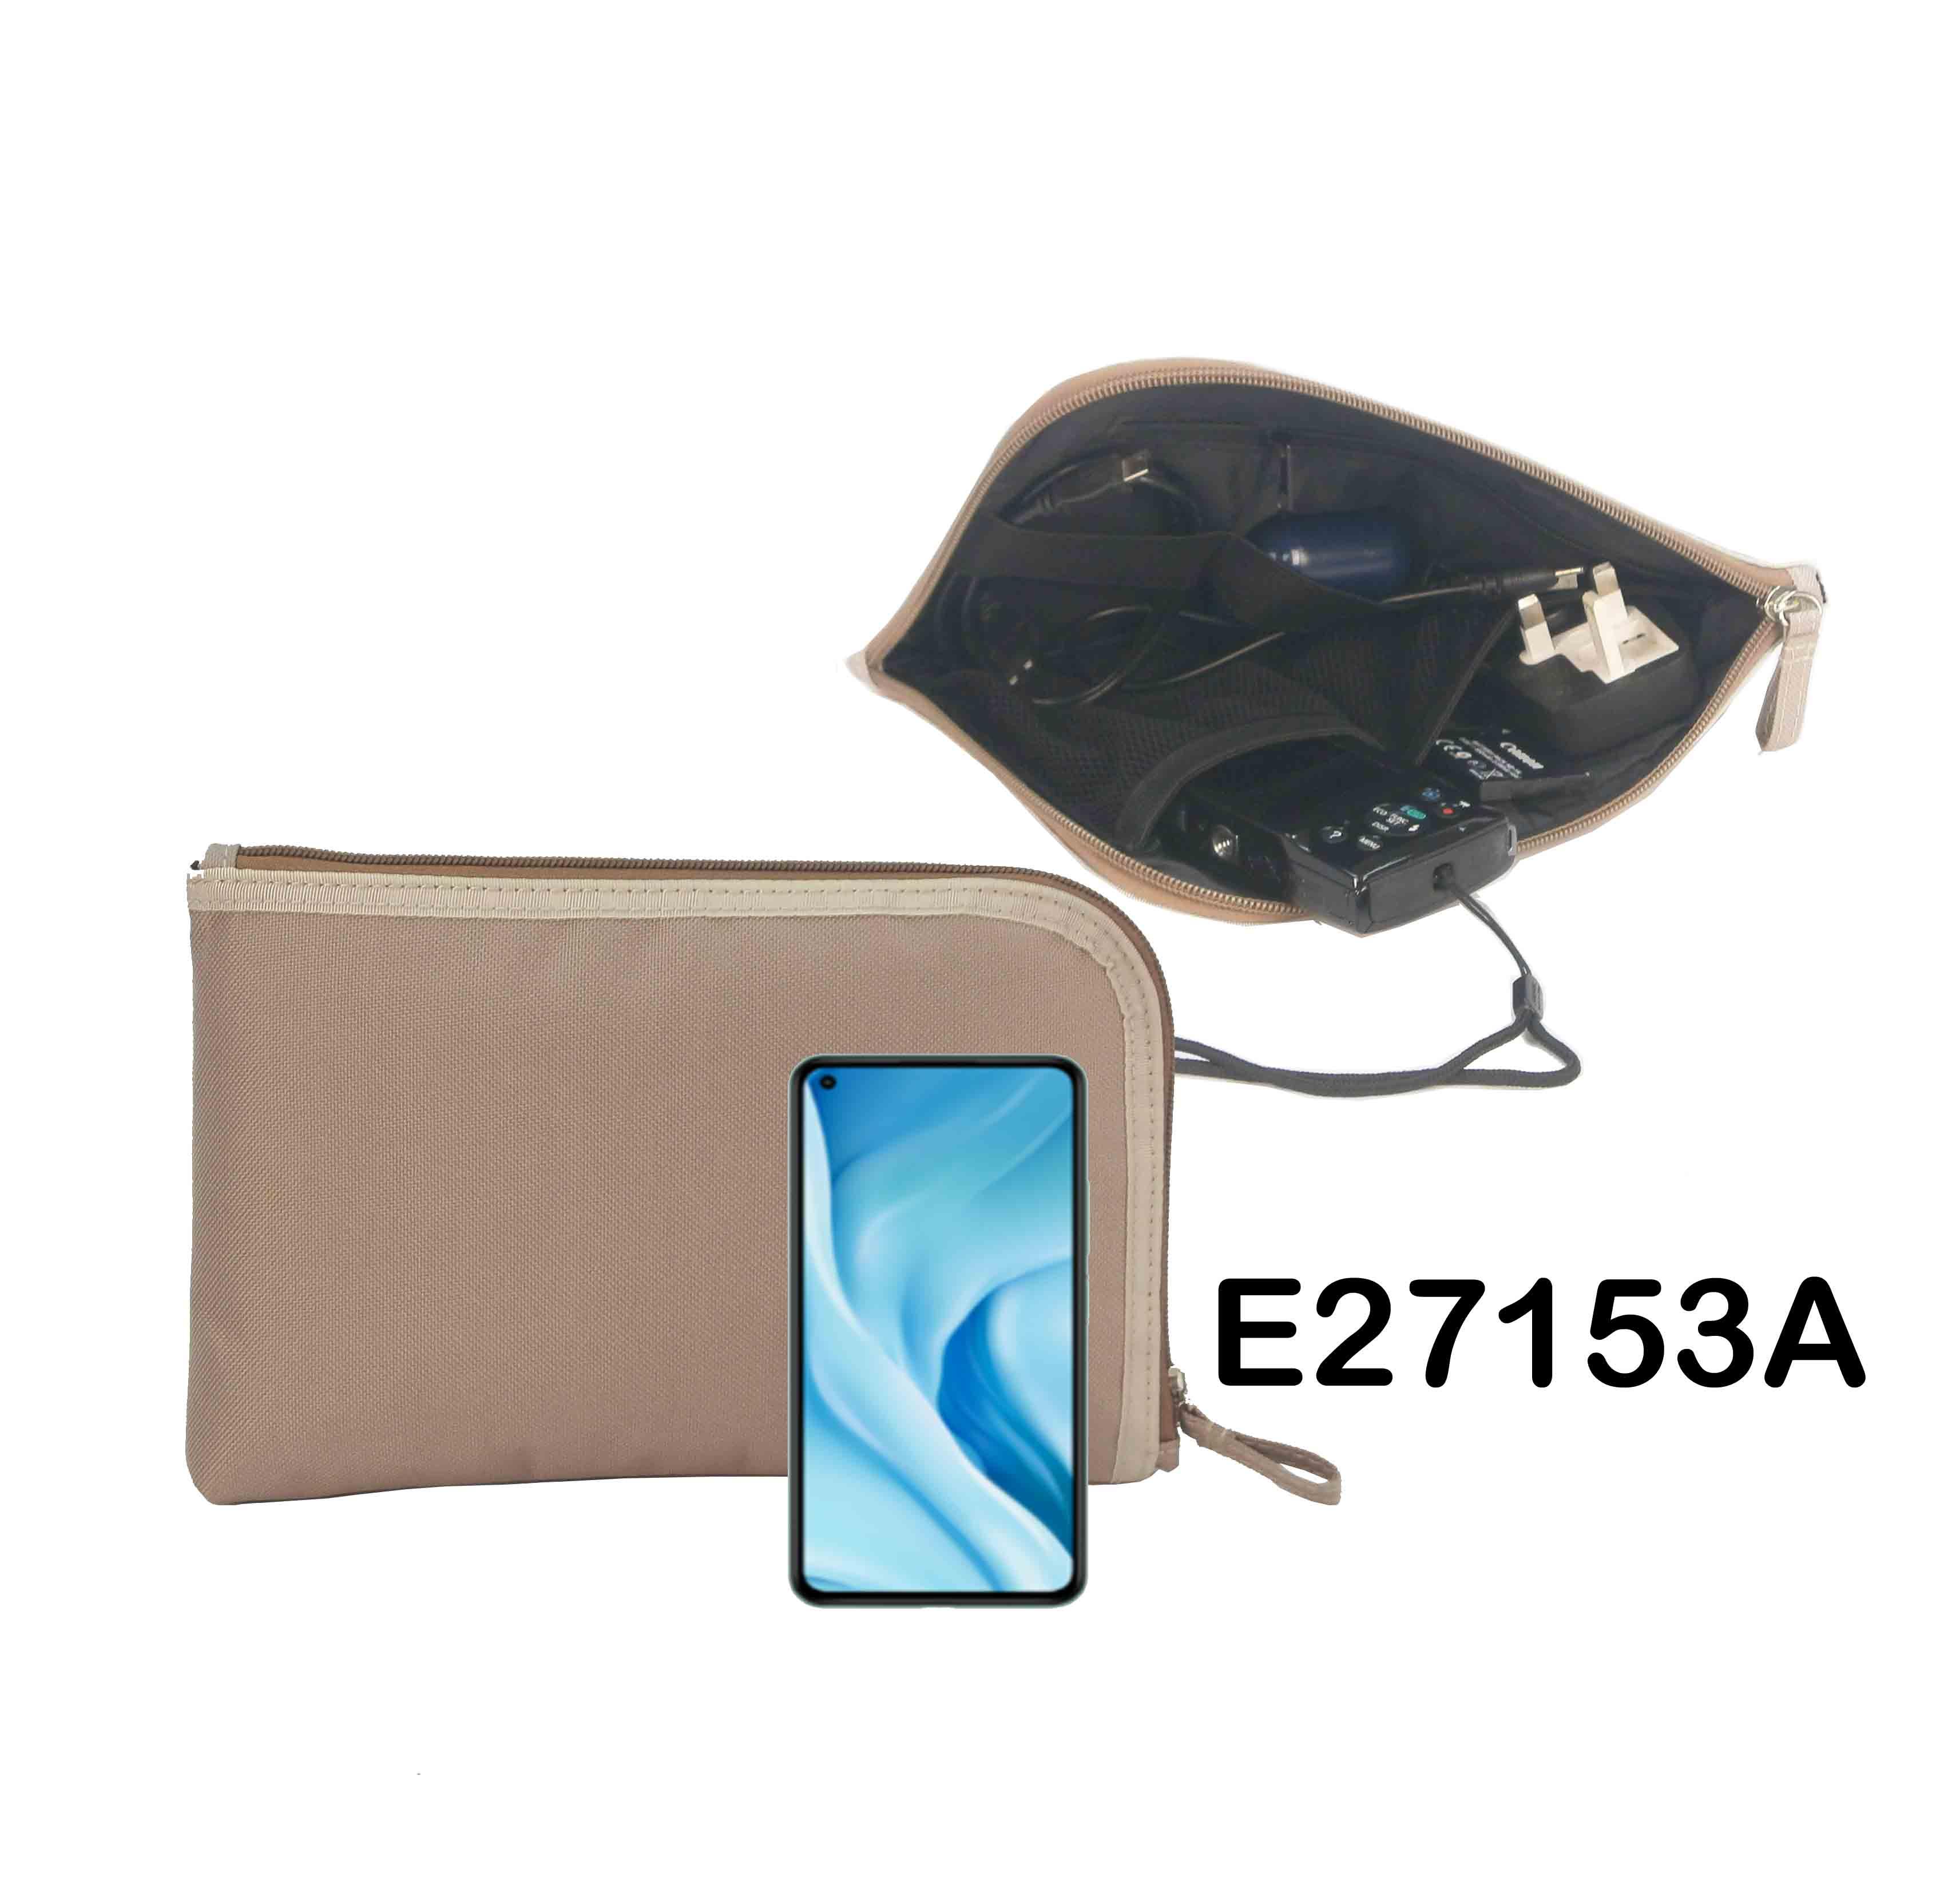 E27153A-SET 2